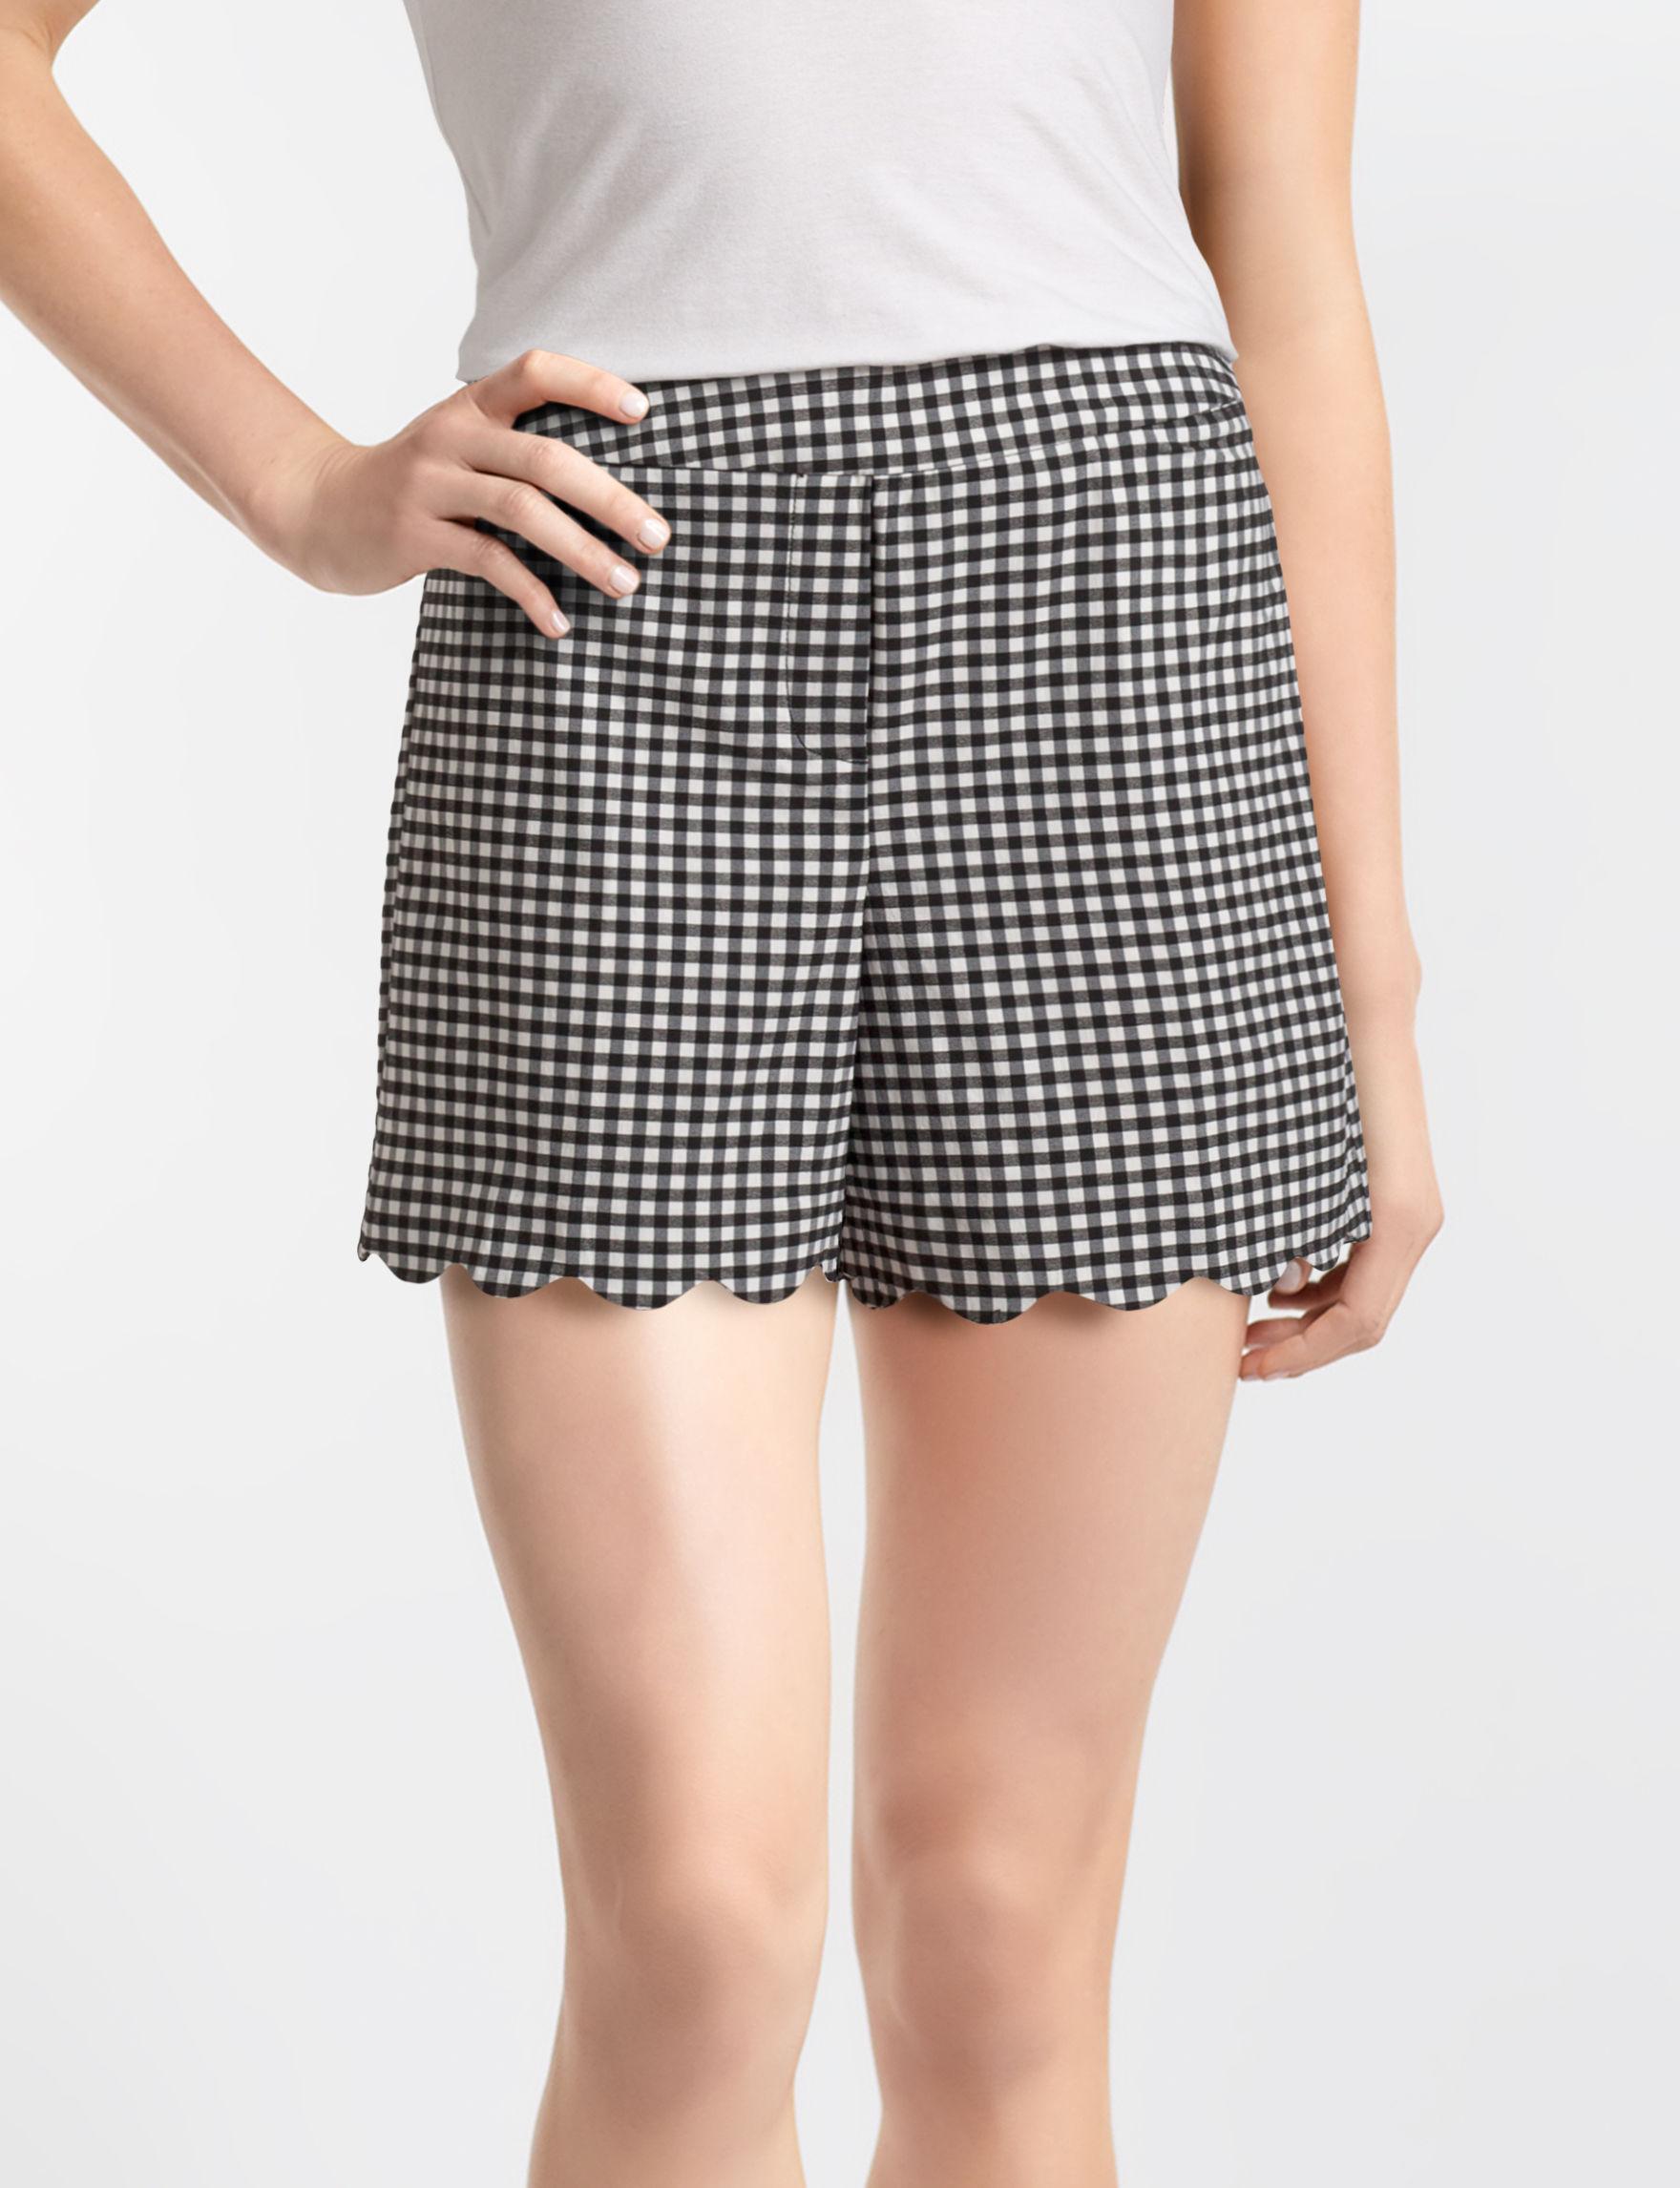 Zac & Rachel Black / White Tailored Shorts